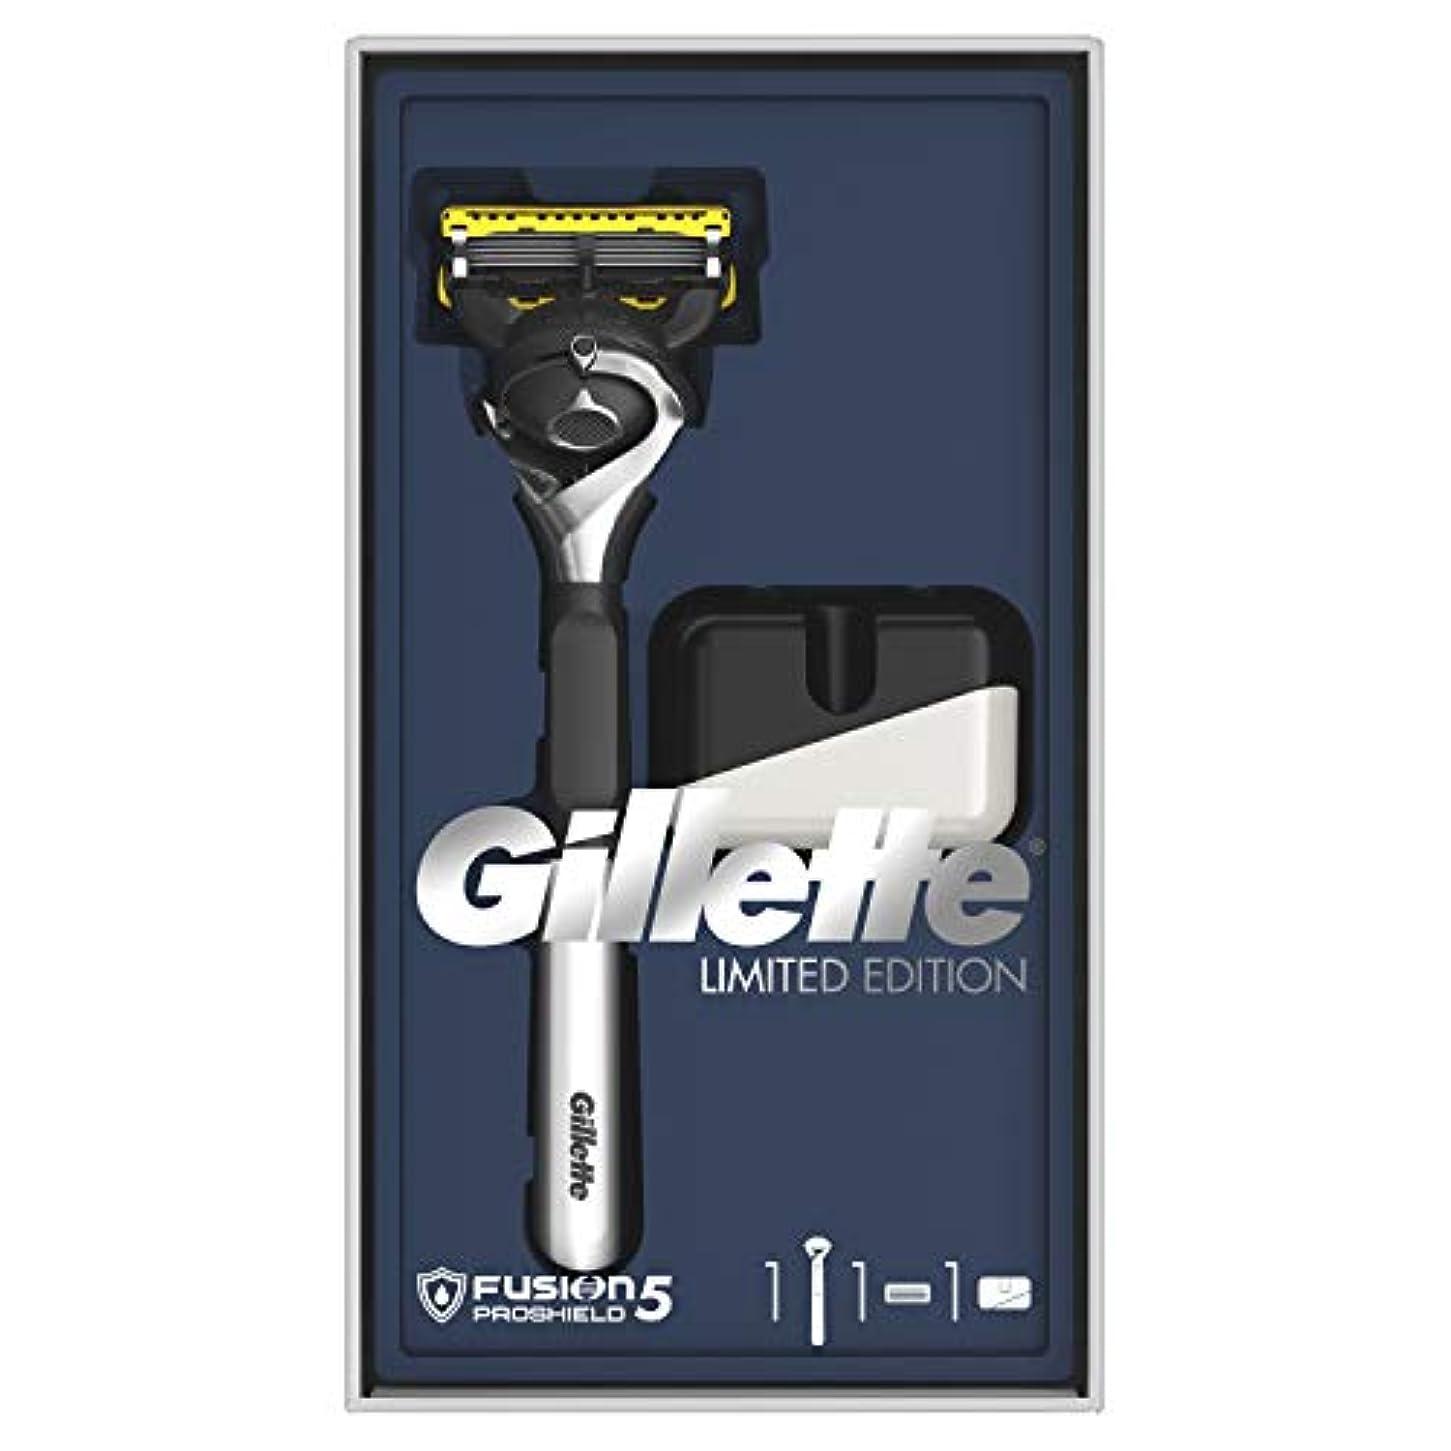 給料重なる治世ジレット プロシールド 髭剃り本体+替刃1個 オリジナルスタンド付 スペシャルパッケージ